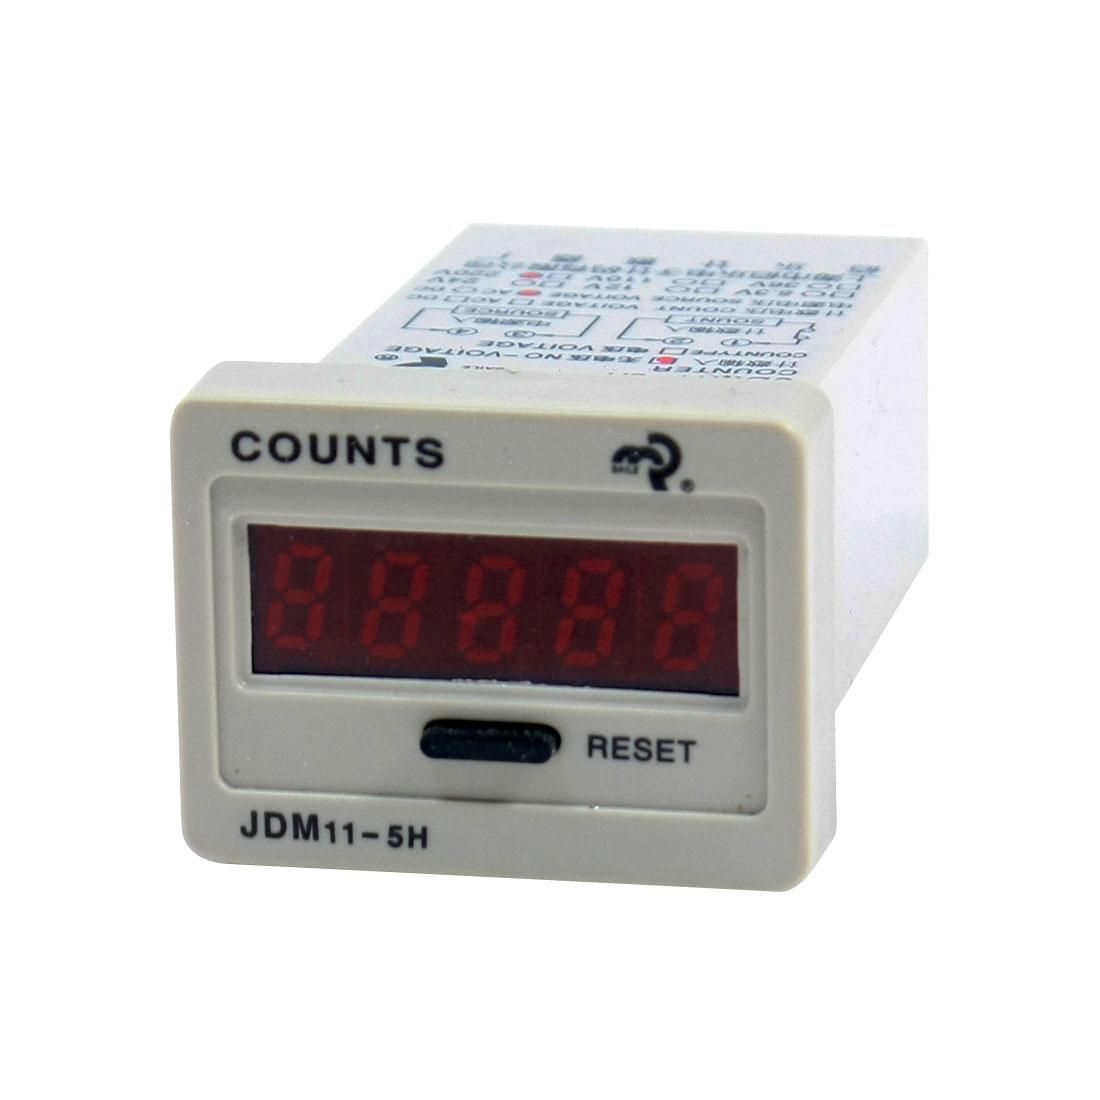 Reset Panel Mount 0-99999 LED Display Digital Counter JDM11-5H AC 220V